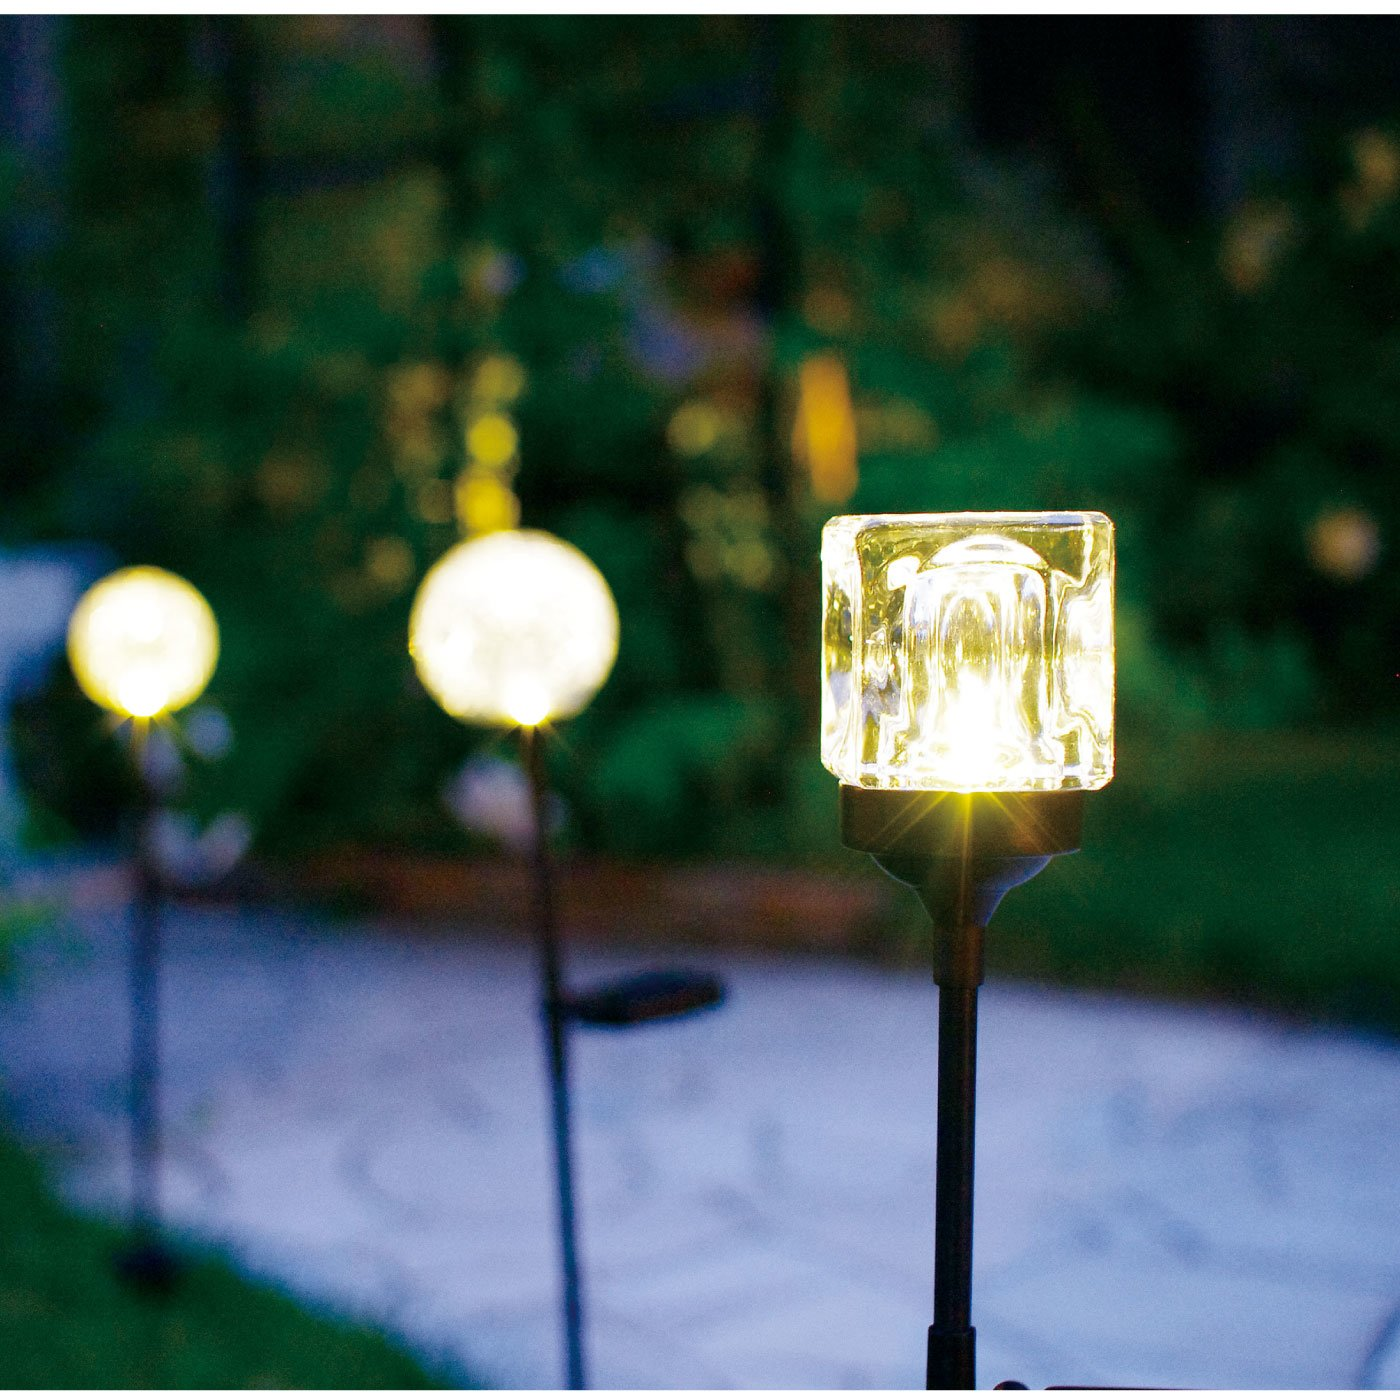 ソーラー充電で庭園風の演出がかなう キューブガーデンライト